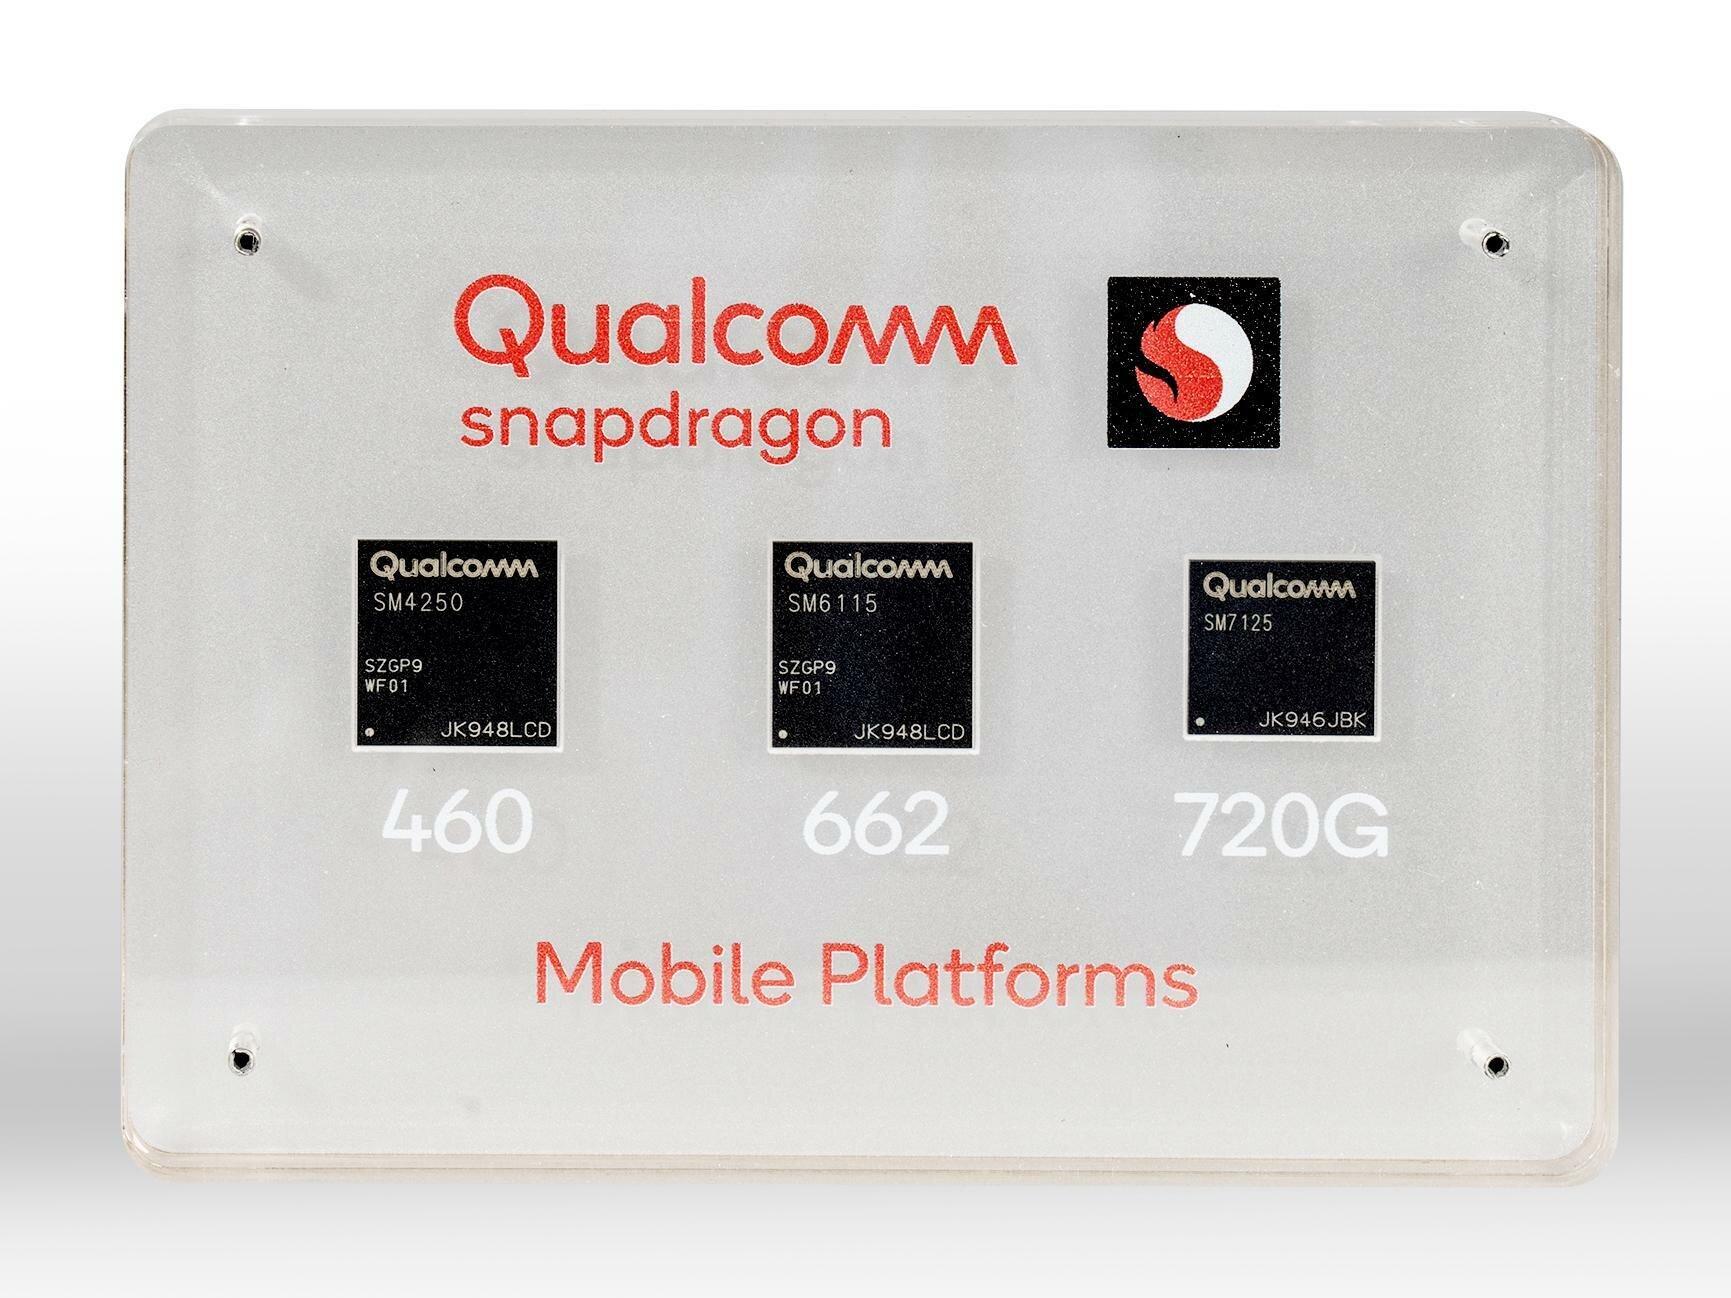 Snapdragon 720G, 662 et 460 : Qualcomm annonce trois SoC avec du Wi-Fi 6